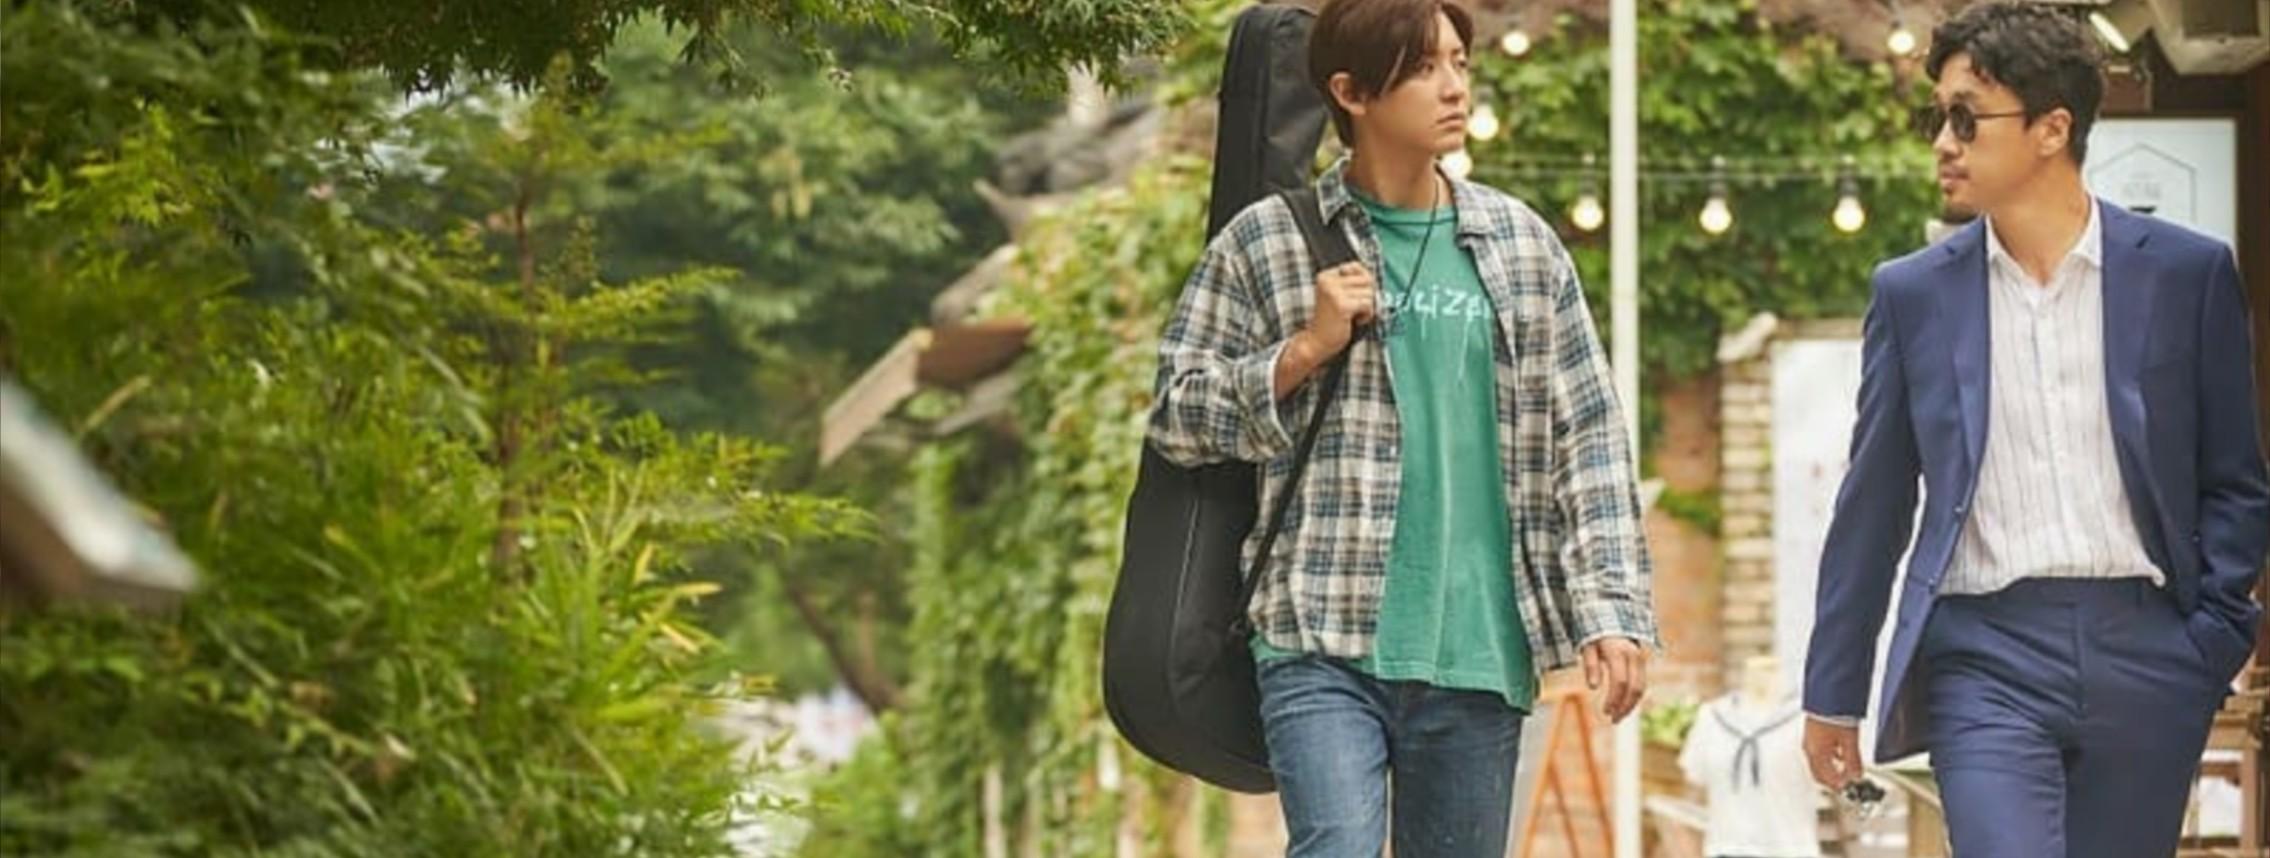 Cena do filme The Box - No Ritmo do Coração. Jihoon e Minsoo caminhando lado a lado. Jihoon, a esquerda está olhando para o horizonte à direita. Ele está usando uma camisa xadrez em tons de cinza com uma camiseta verde água por baixo e calça jeans, a alça de uma maleta para carregar violão está pendurada em seu ombro direito. Minsoo, a direita, está olhando para Jihoon. Ele está de óculos escuros, terno azul escuro e uma camiseta social branca. Ao fundo tem árvores, uma casa de tijolos e um manequim com um uniforme escolar.